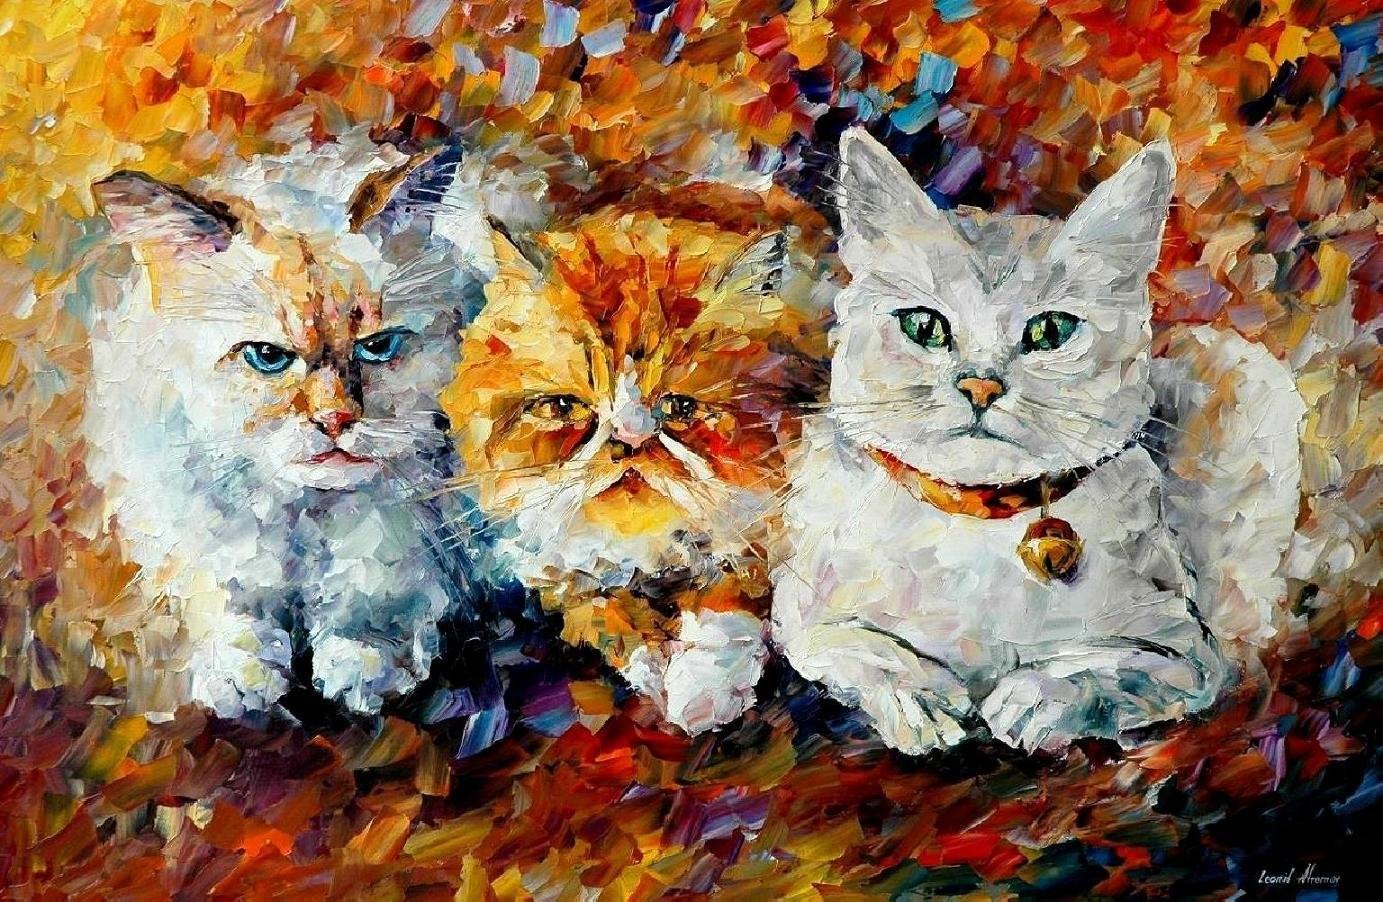 буквы урок рисования акрилом коты мало-помалу увидишь, что